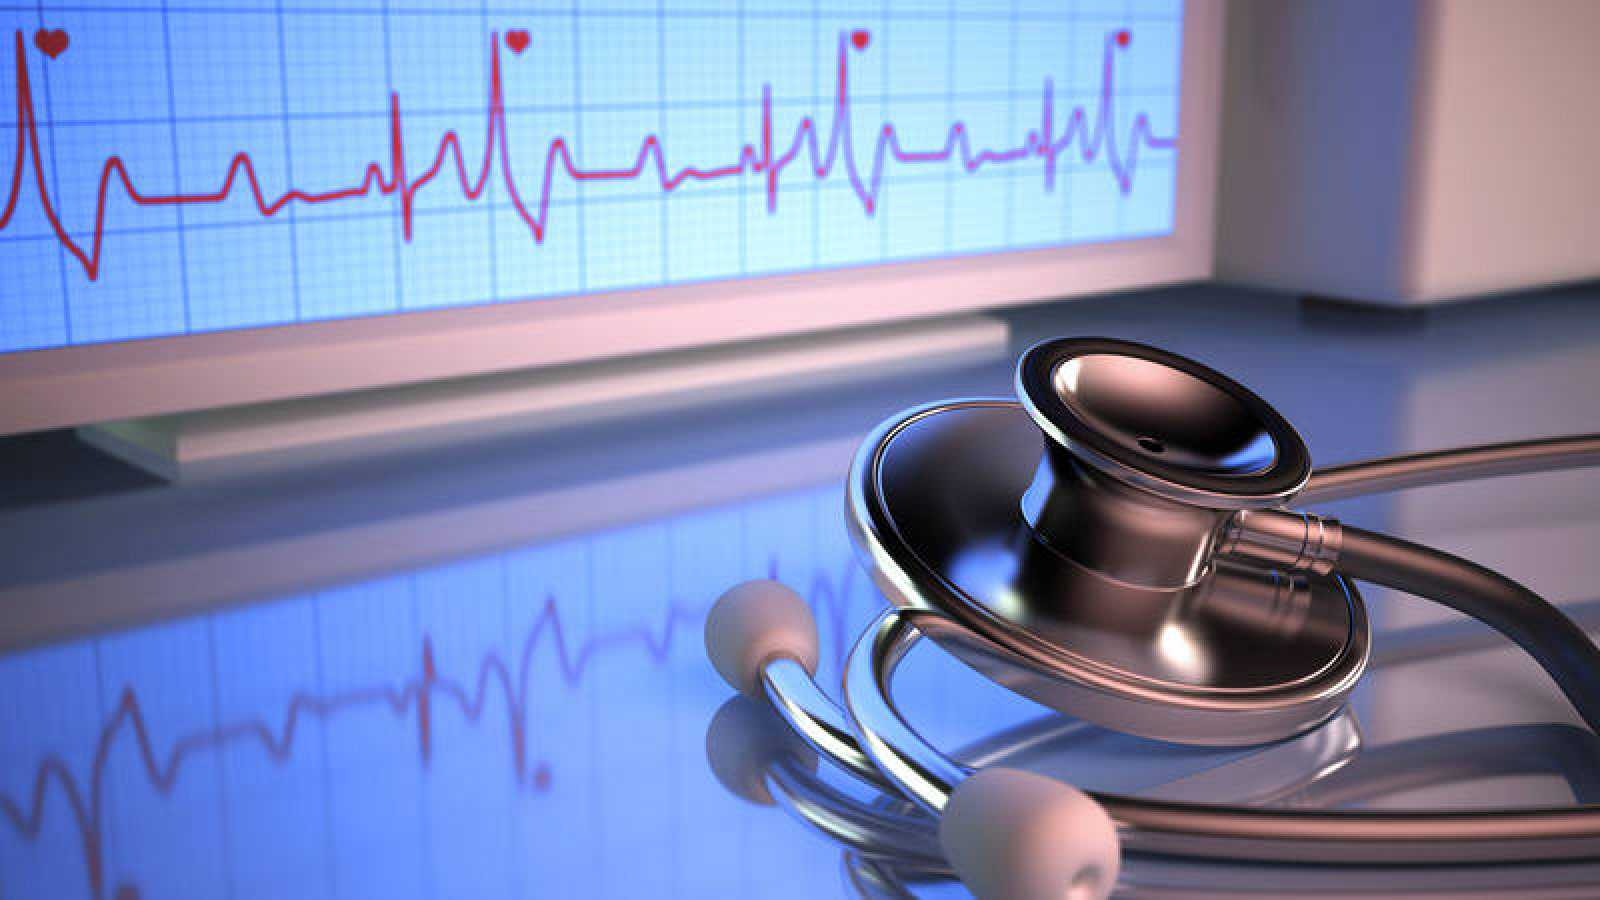 El dispositivo mejorará la calidad de vida de pacientes que sufren insuficiencia cardíaca.